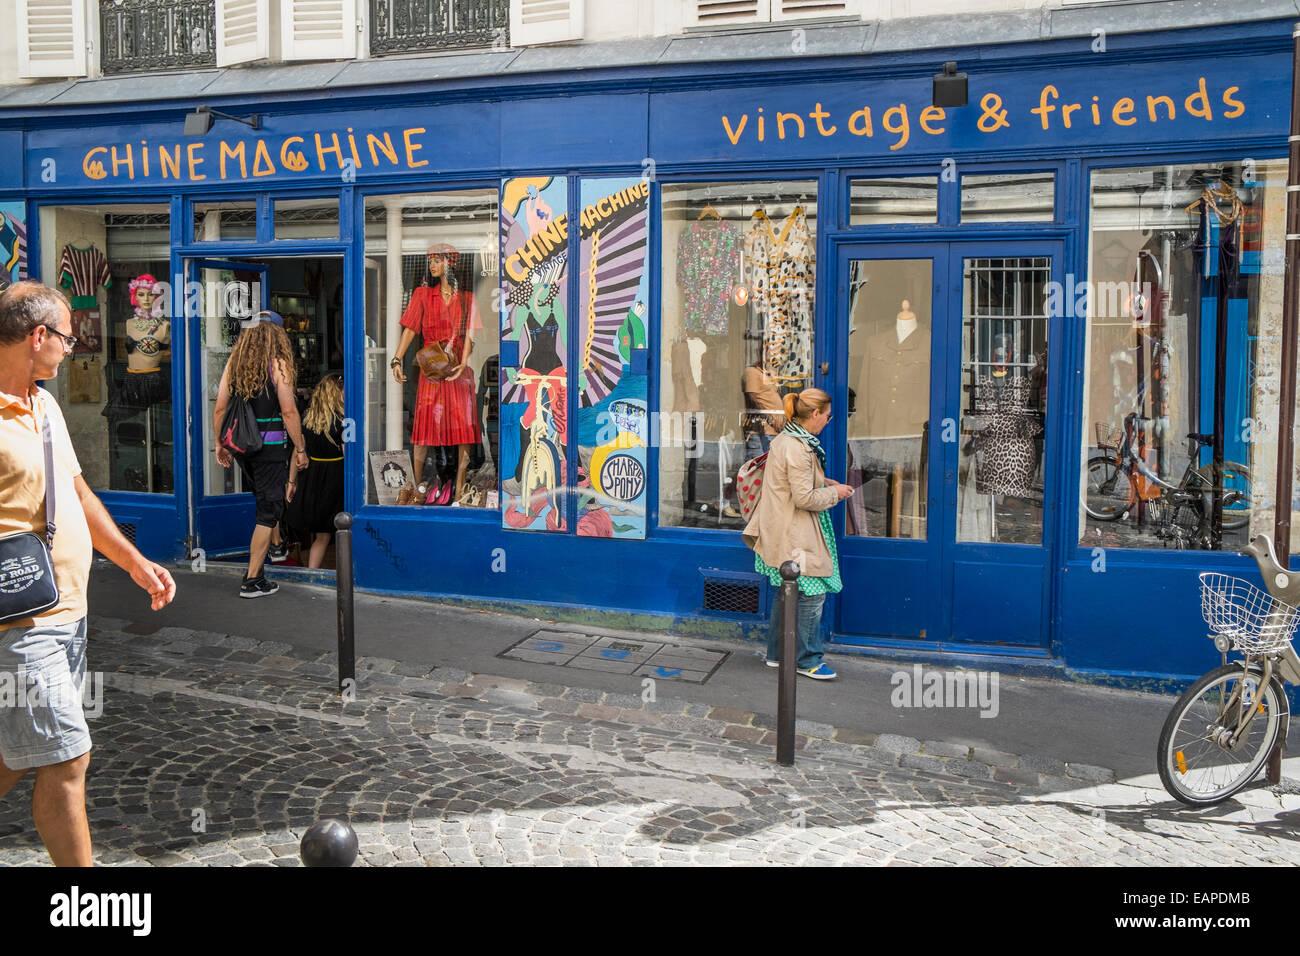 chine machine vintage fashion store in the montmartre district, rue des martyrs, paris, ile de france, france - Stock Image